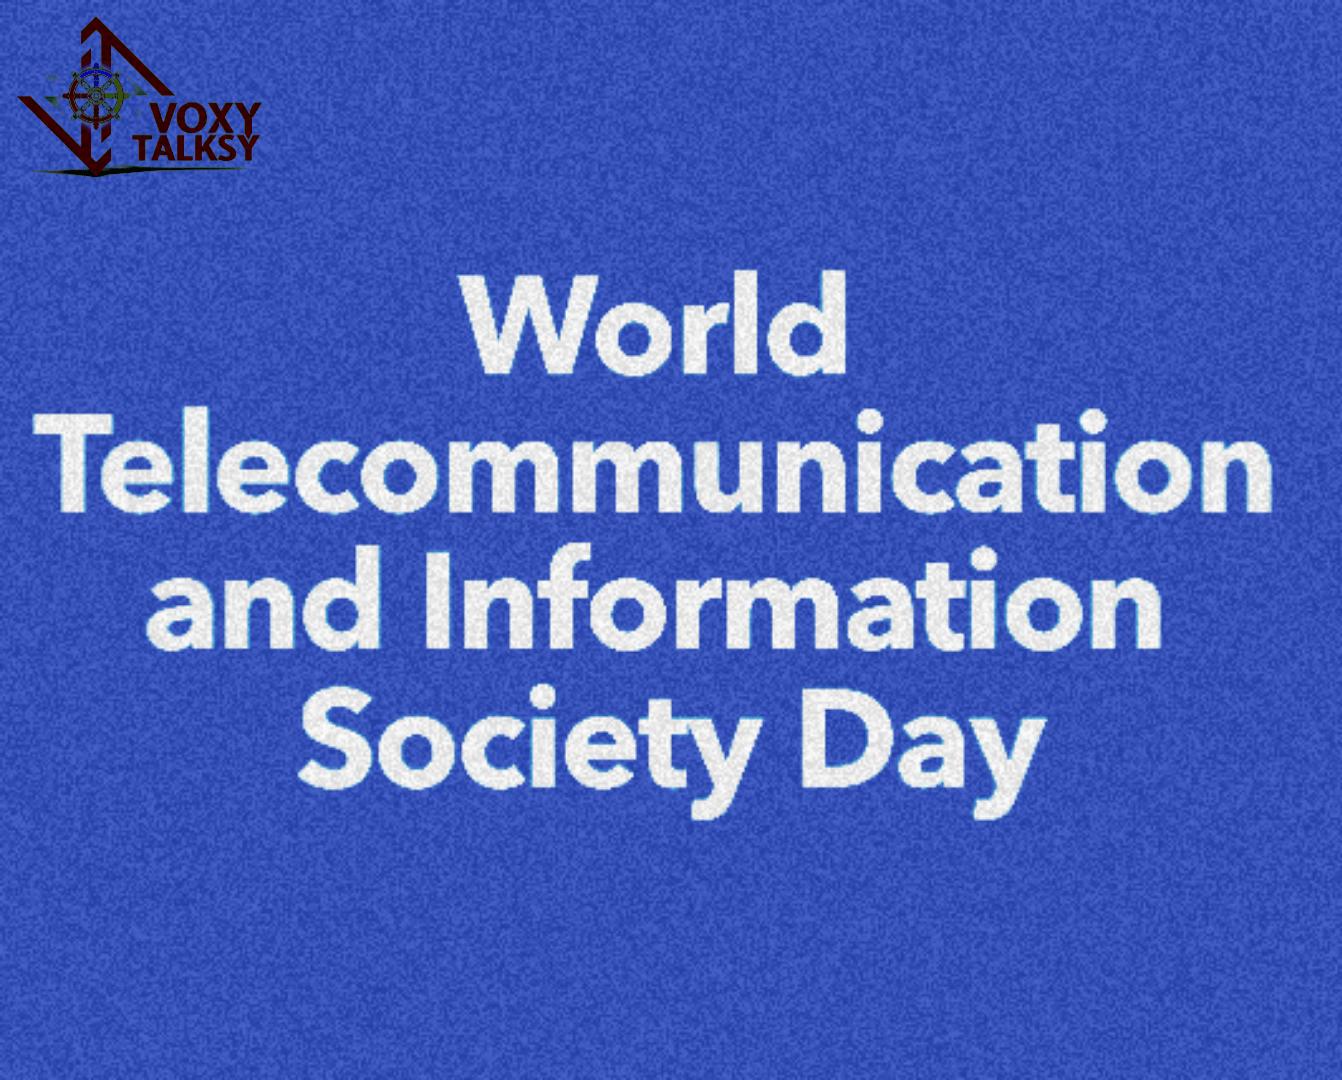 Worle Telecommunication & Information Society Day wishes | voxytalksy